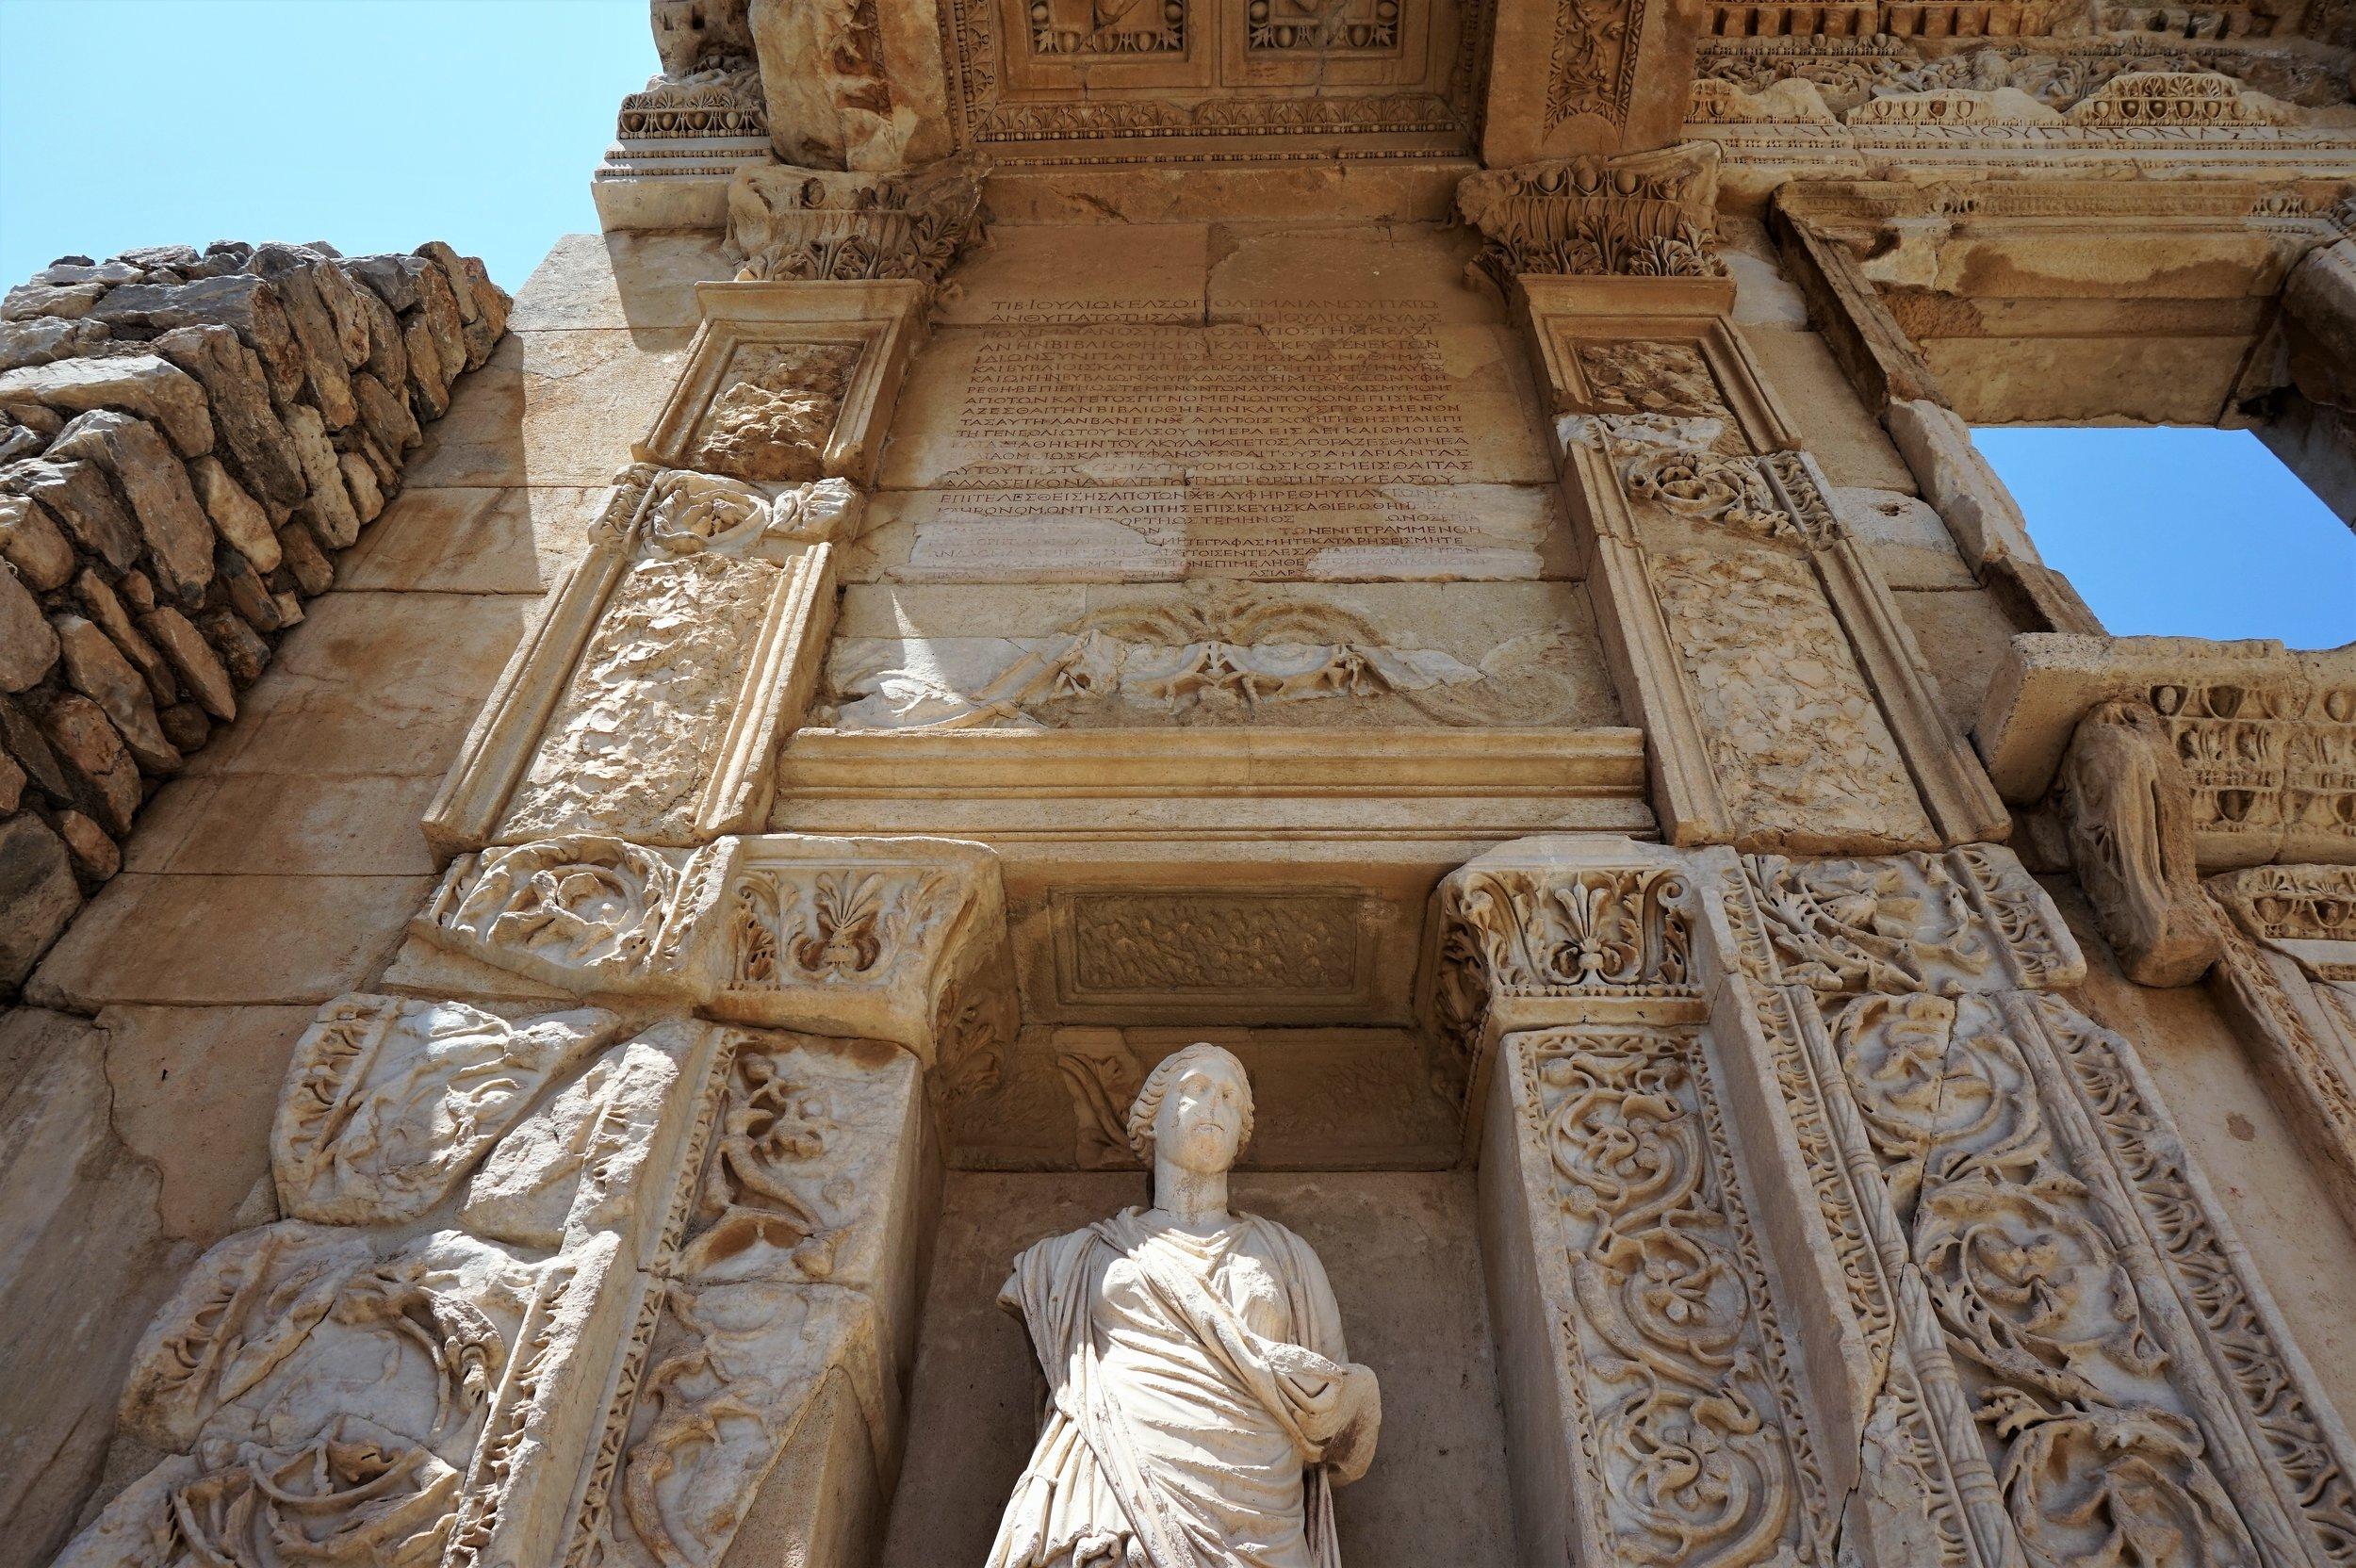 Ephesus-Kusadasi-Turkey-2017.JPG